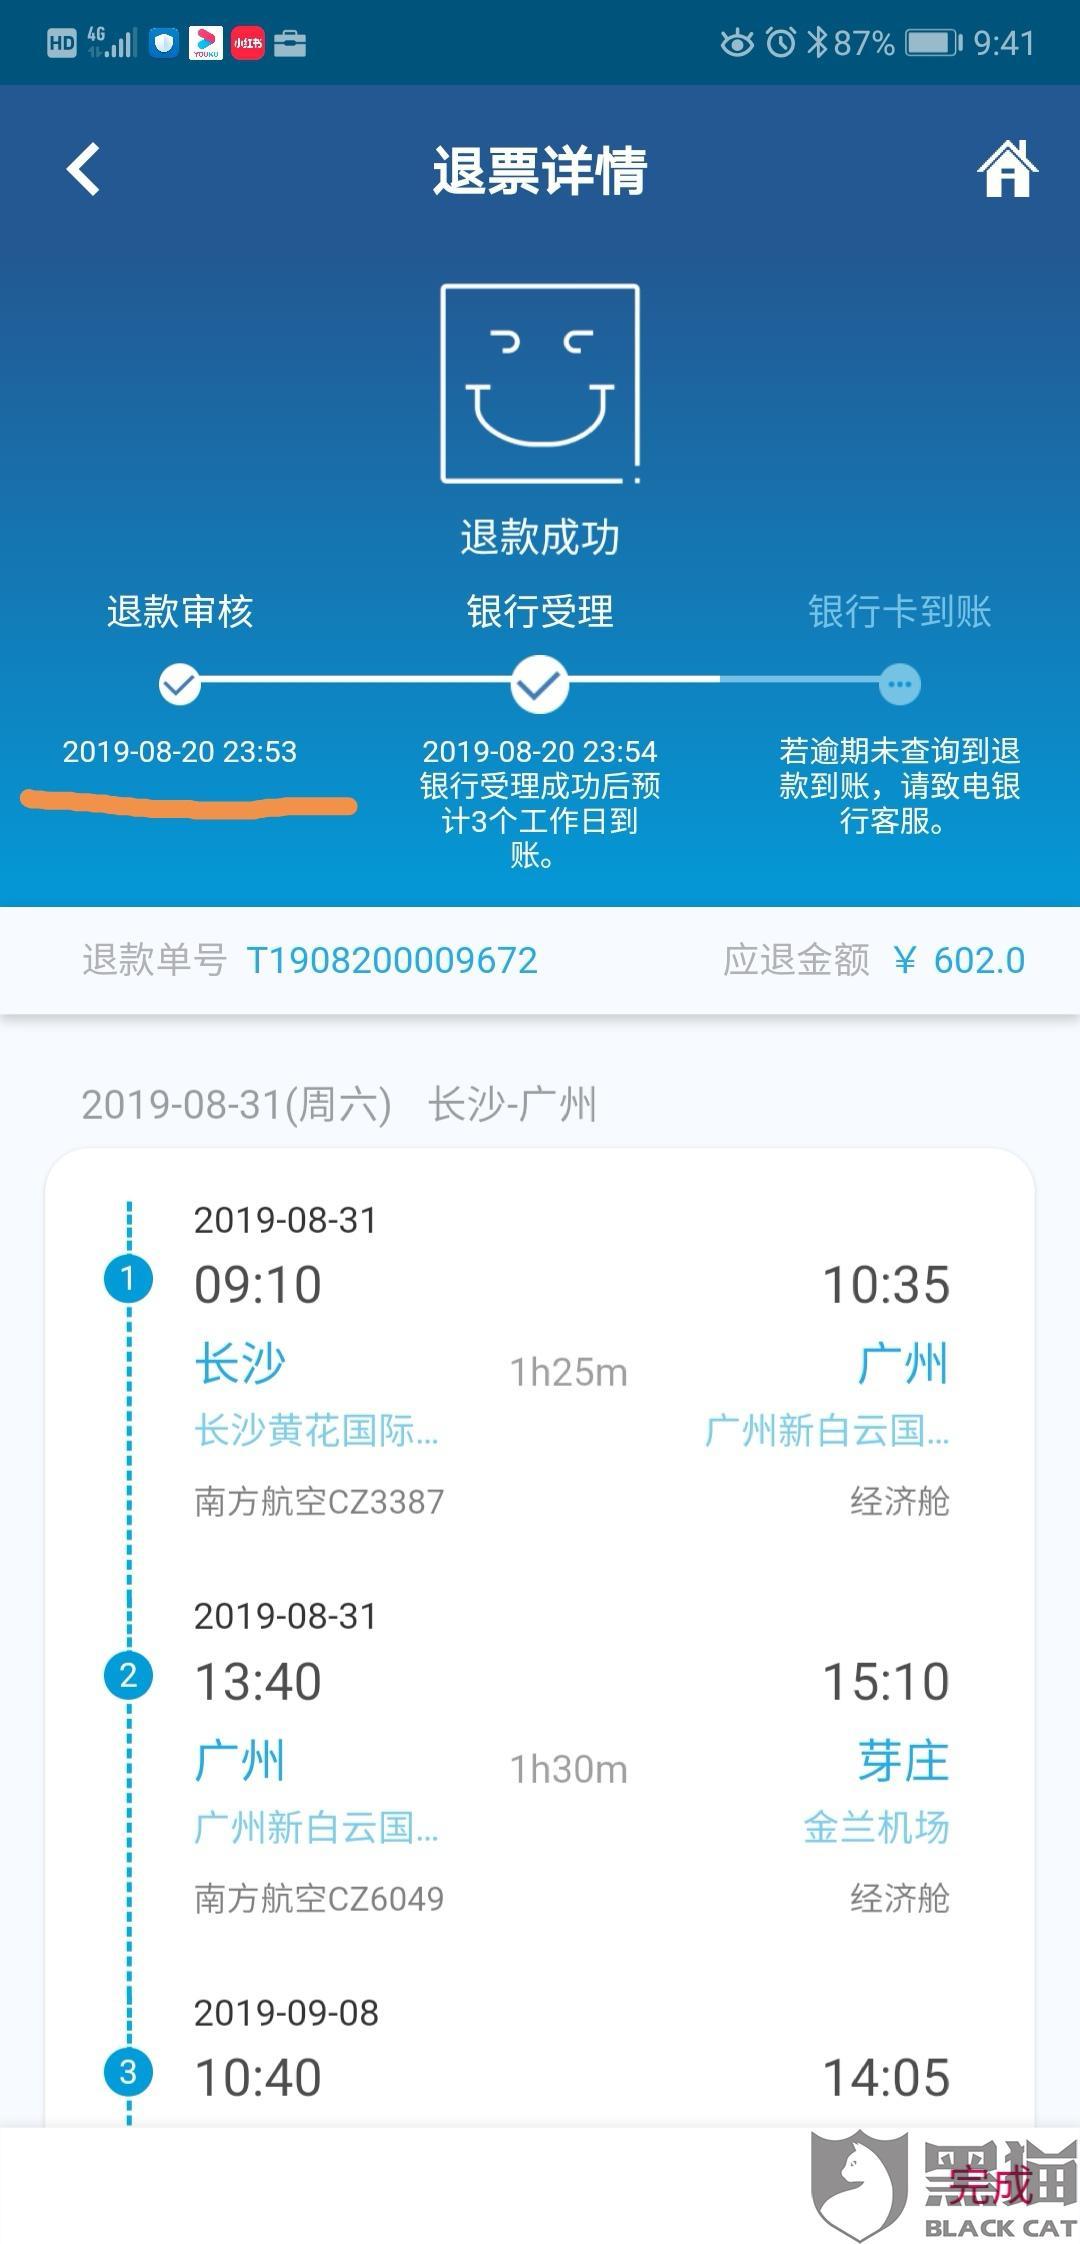 黑猫投诉:中国南方航空公司